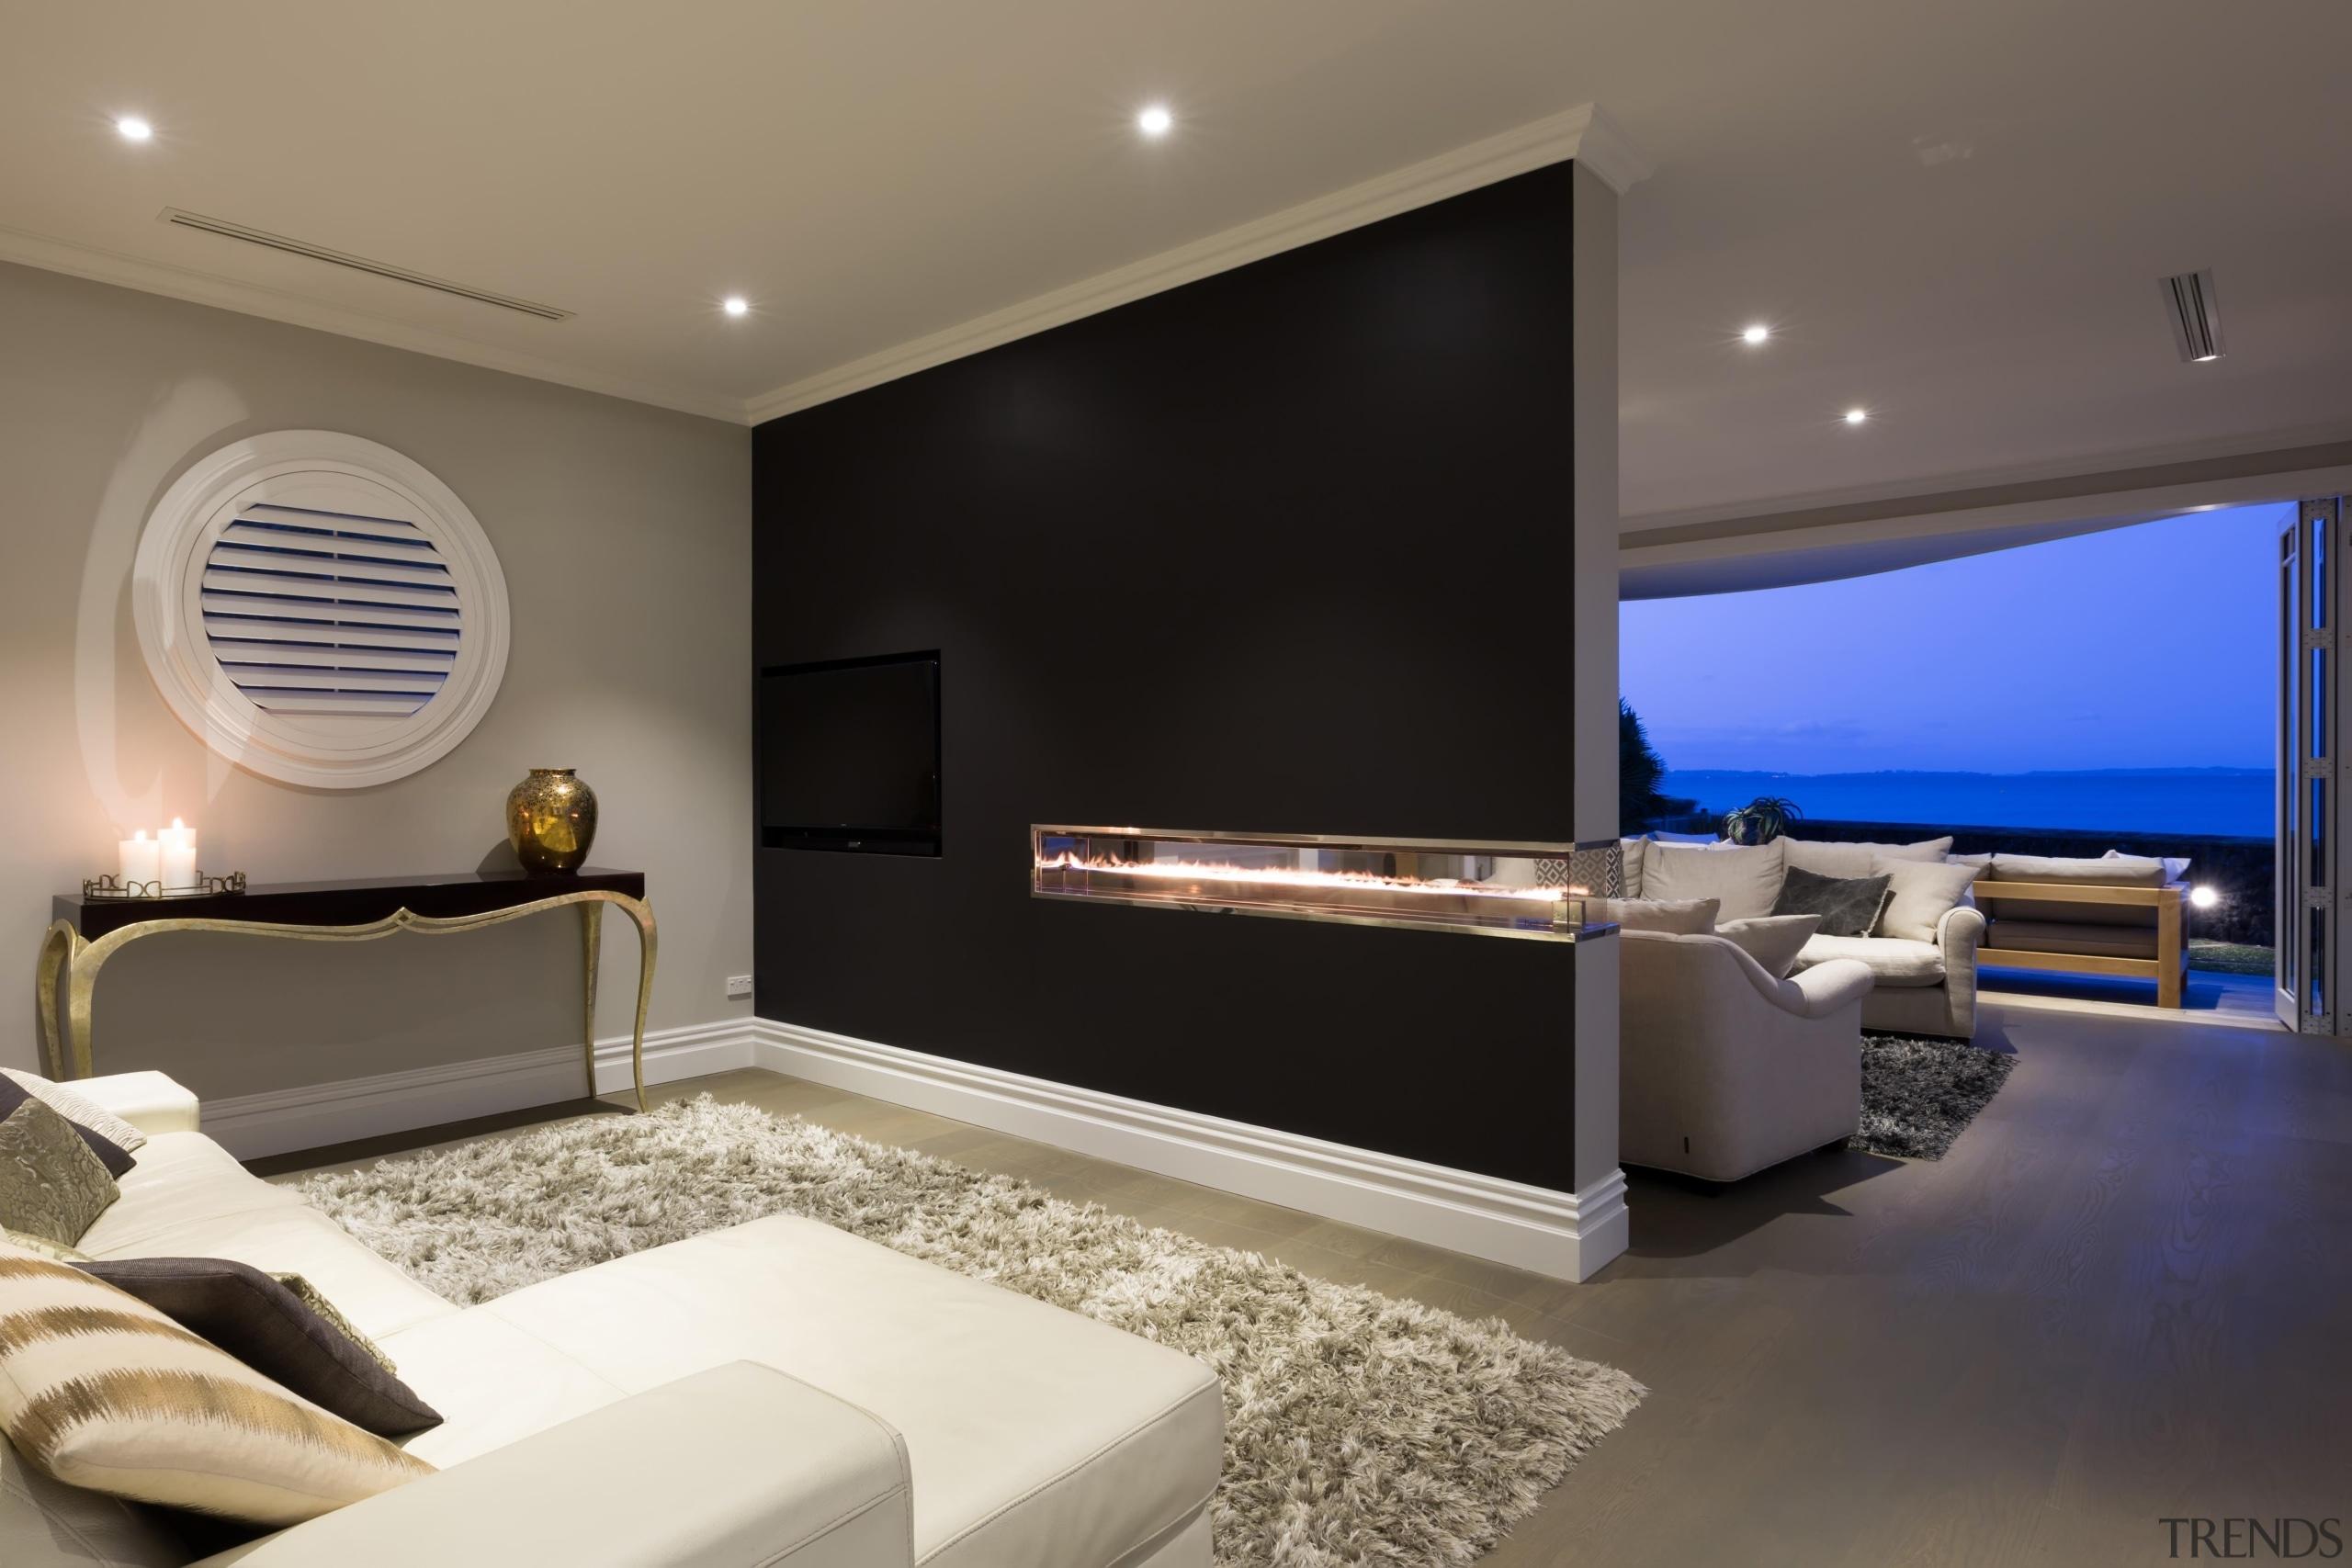 img9007.jpg - img9007.jpg - ceiling   home   ceiling, home, interior design, living room, product design, gray, black